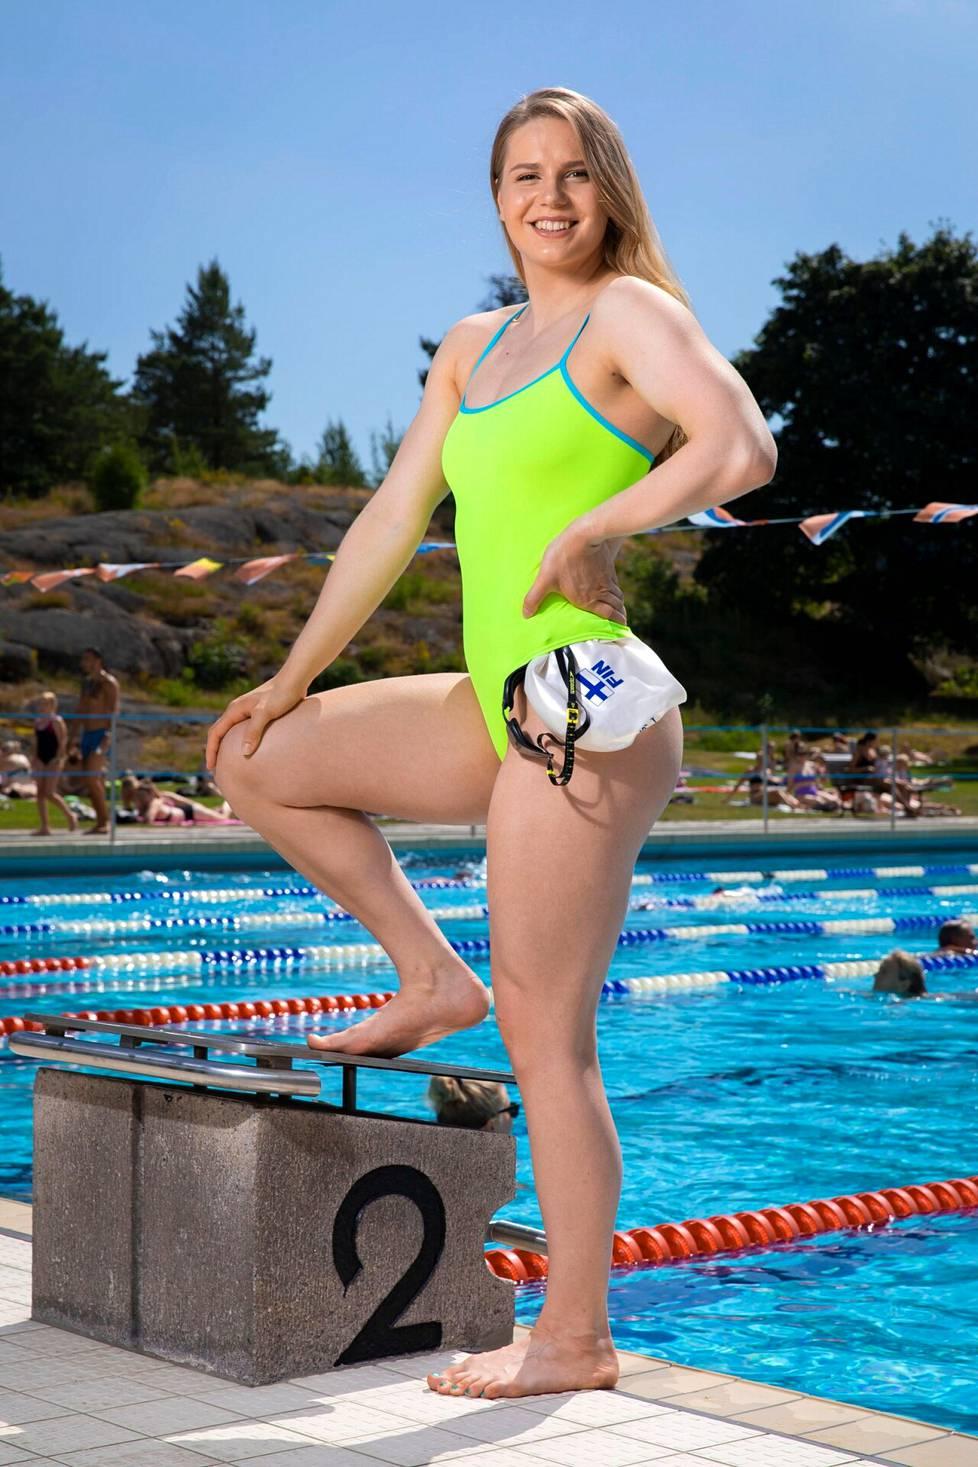 """Ida Hulkkoa ärsyttää, että monet kokevat """"oikeudekseen kommentoida urheilijoiden ulkonäköä, vaikkei sillä olisikaan tekemistä suoritusten kanssa""""."""